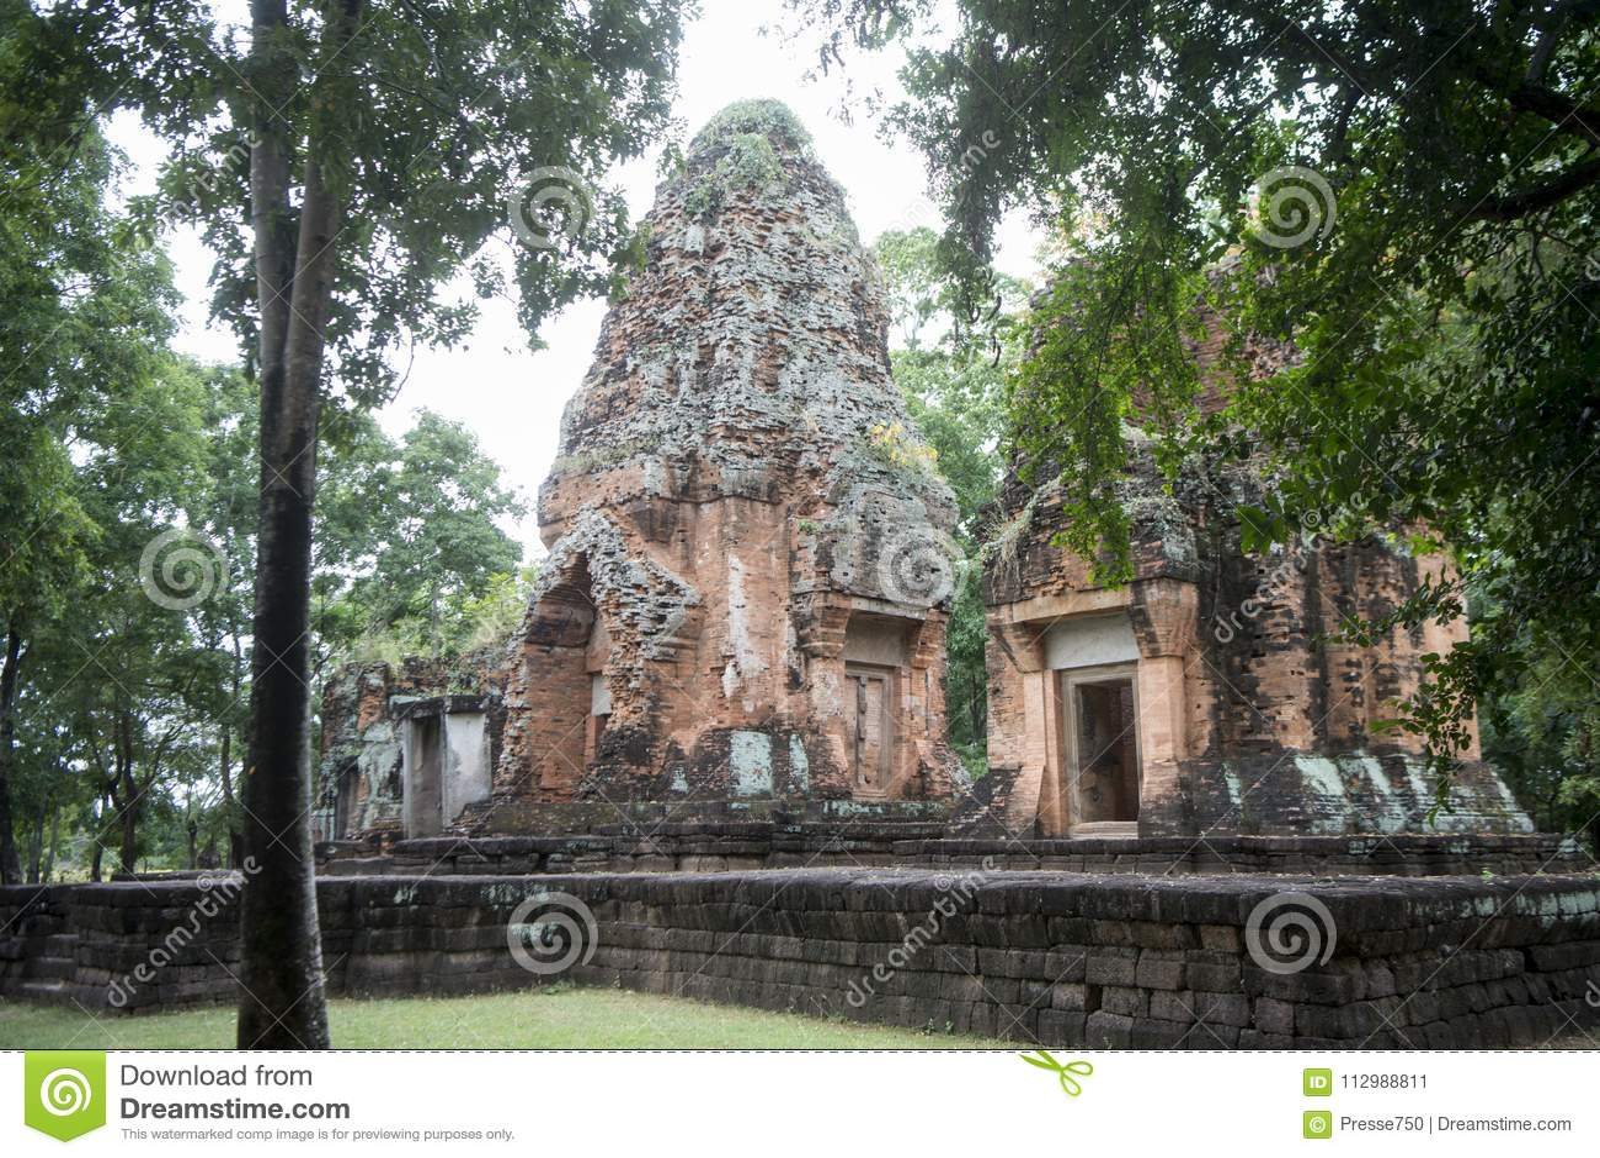 THAILAND BURIRAM KHMER RUINS PRANG KU SUAN TAENG